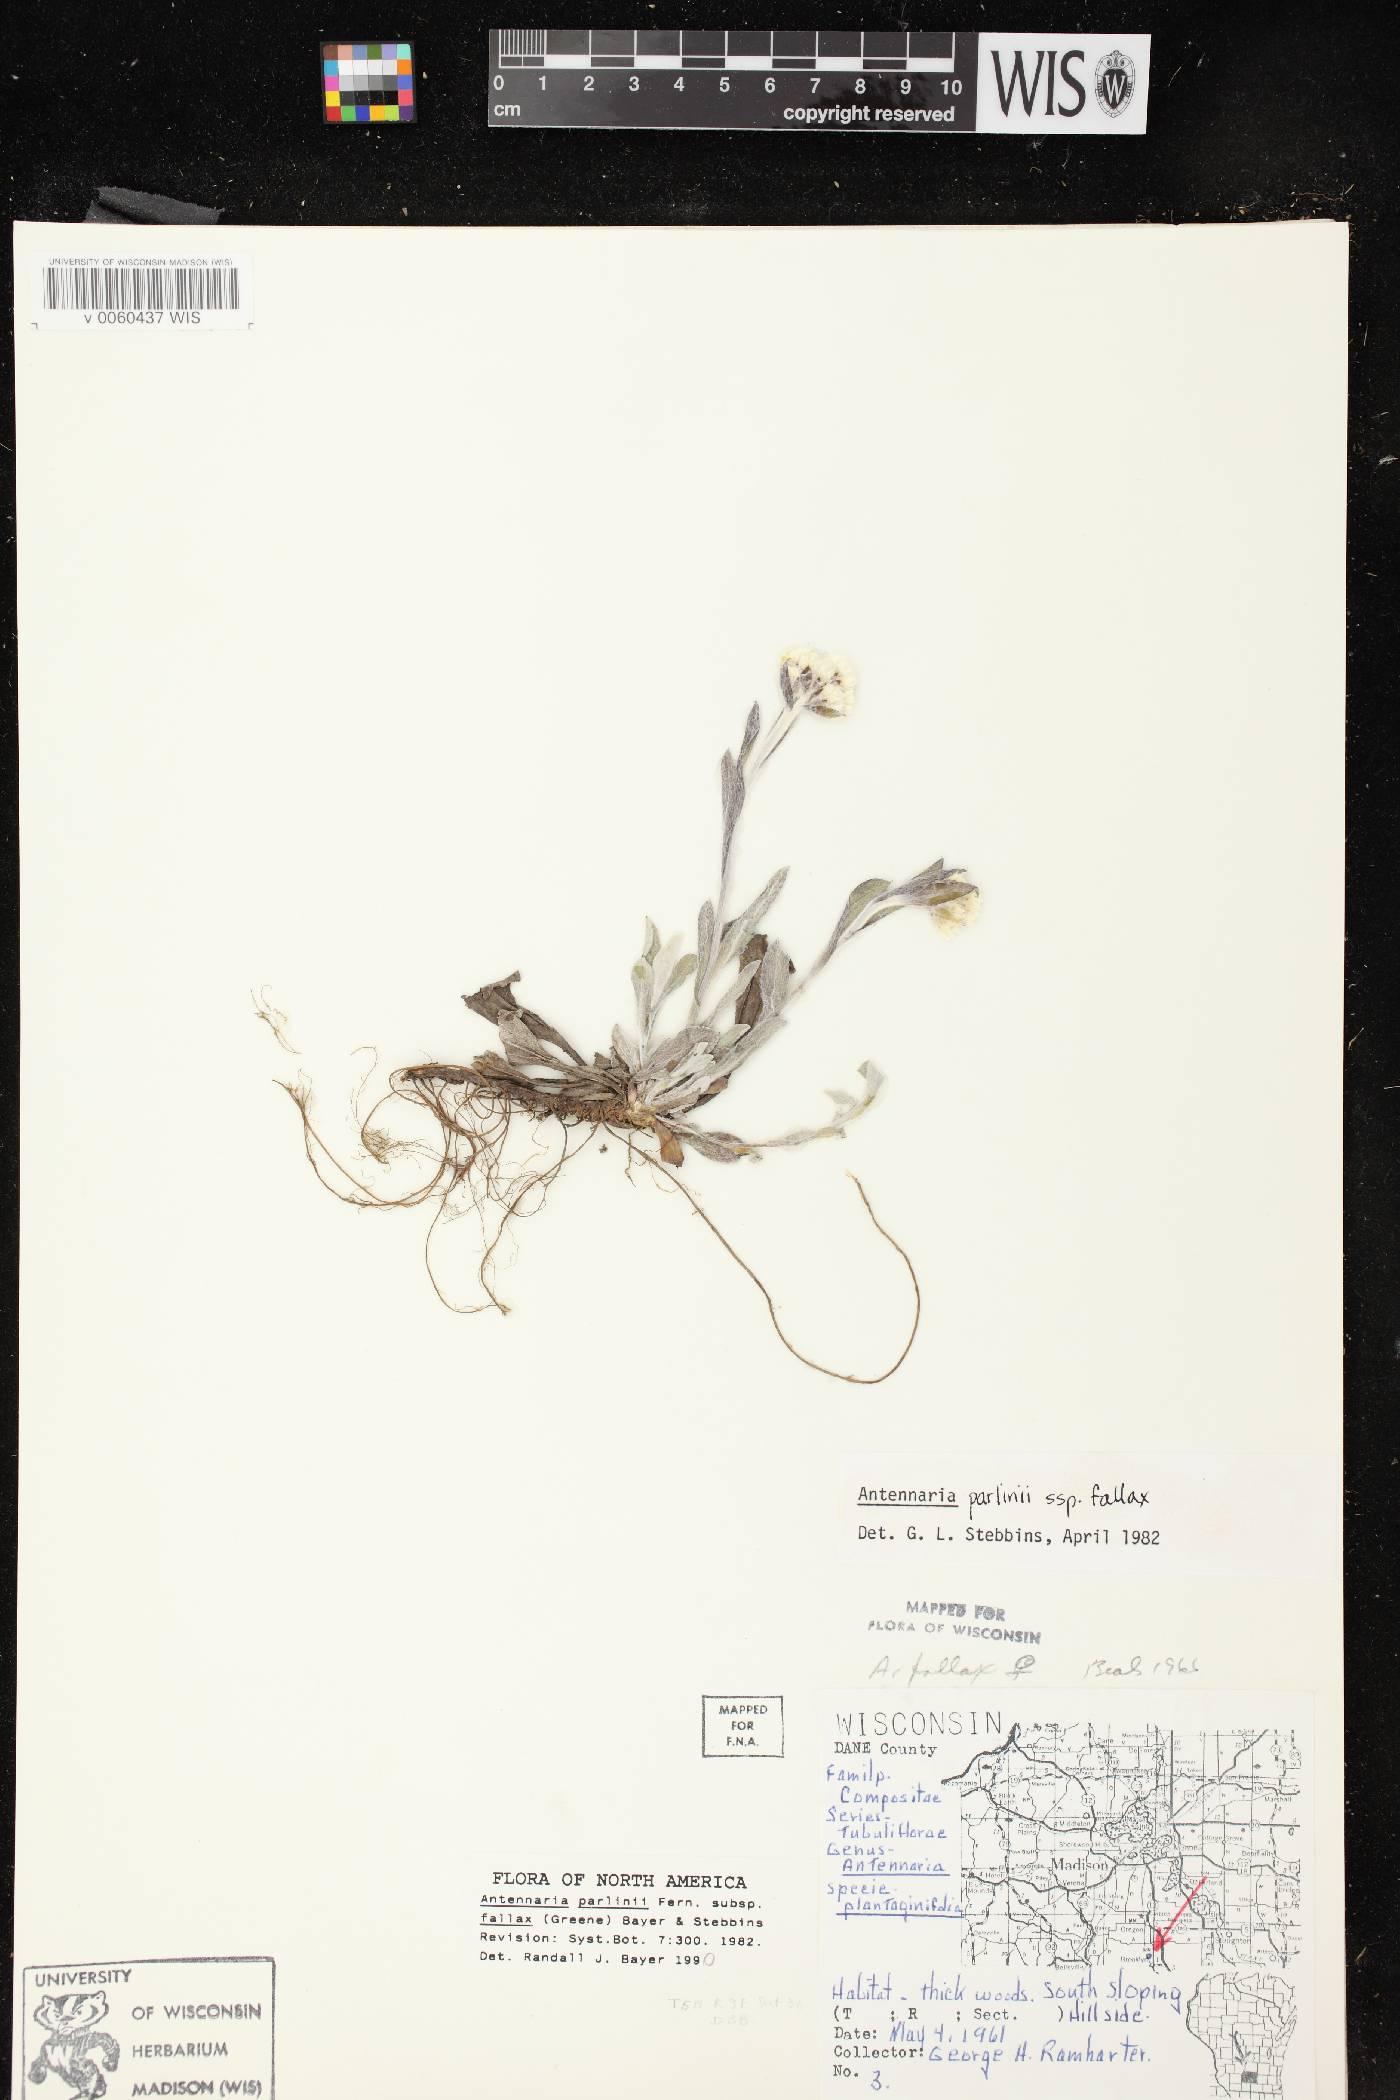 Antennaria parlinii subsp. fallax image